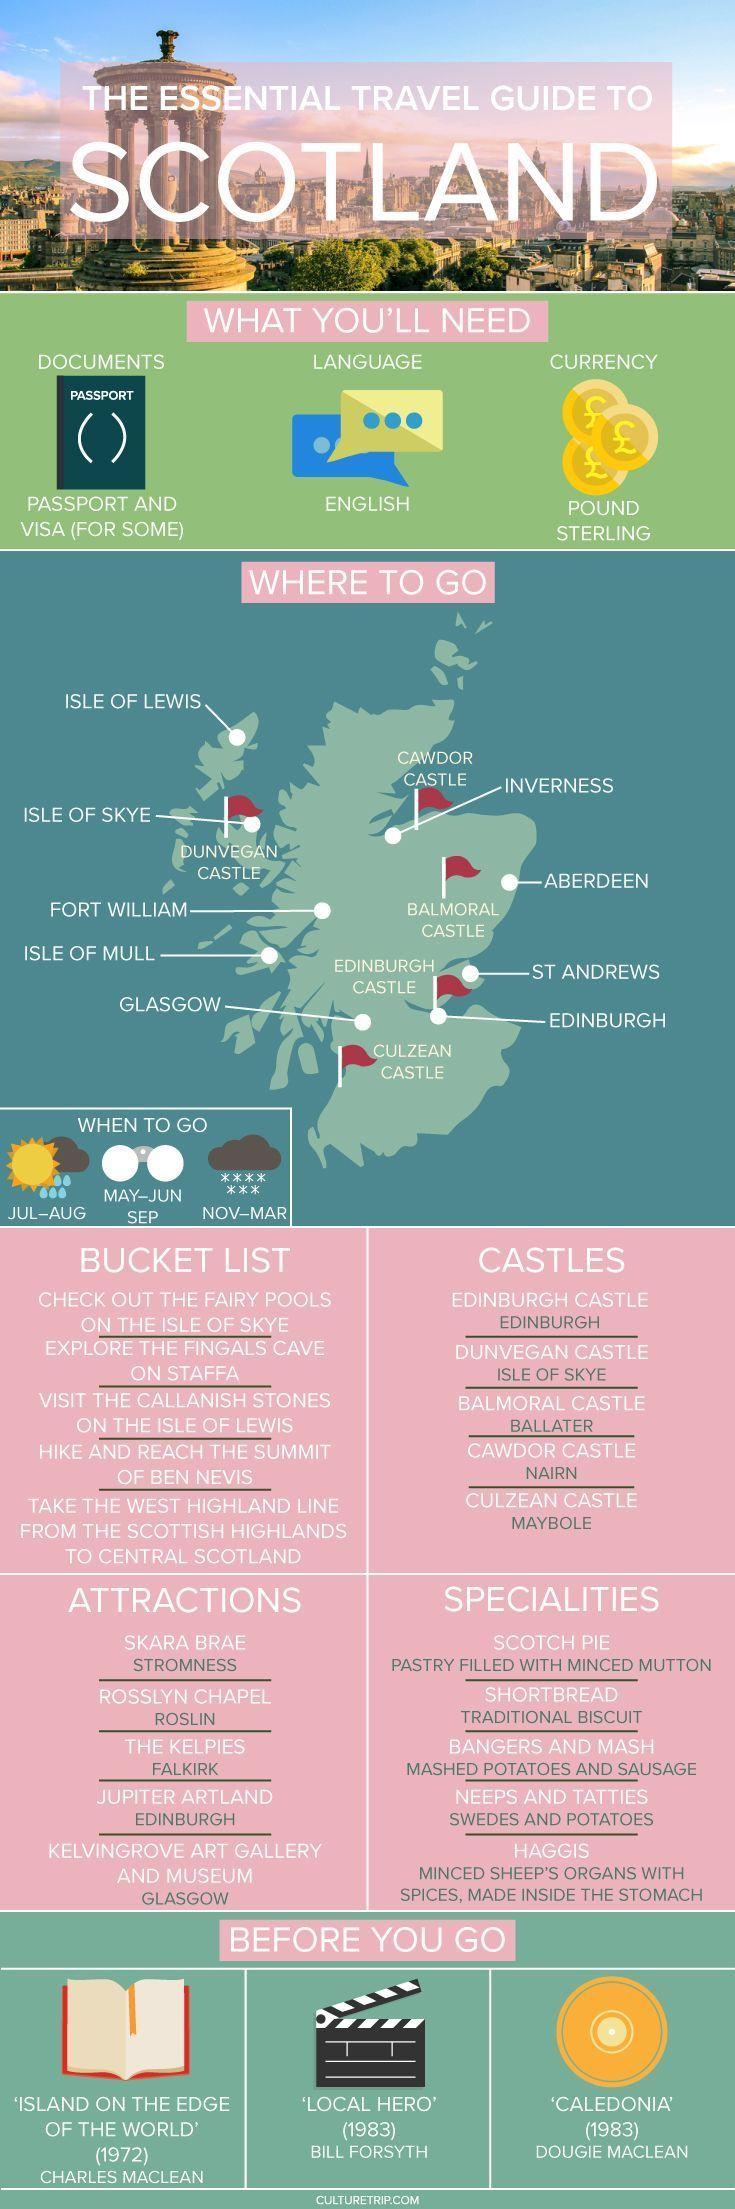 Der essenzielle Reiseführer für Schottland (Info... - #der #essentials #essenzielle #für #Info #Reiseführer #Schottland #travelscotland